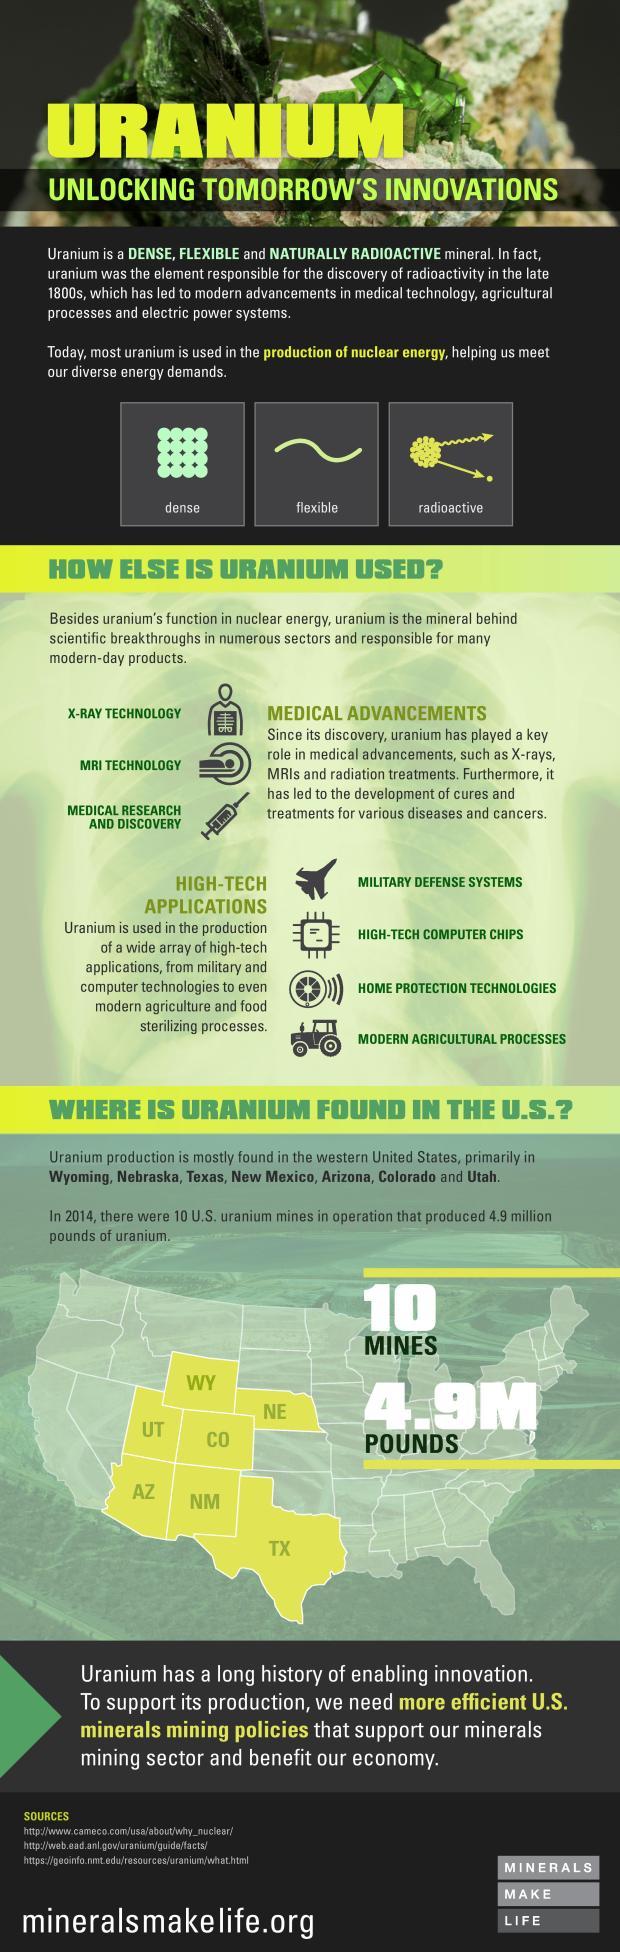 NMA_Uranium_Infographic